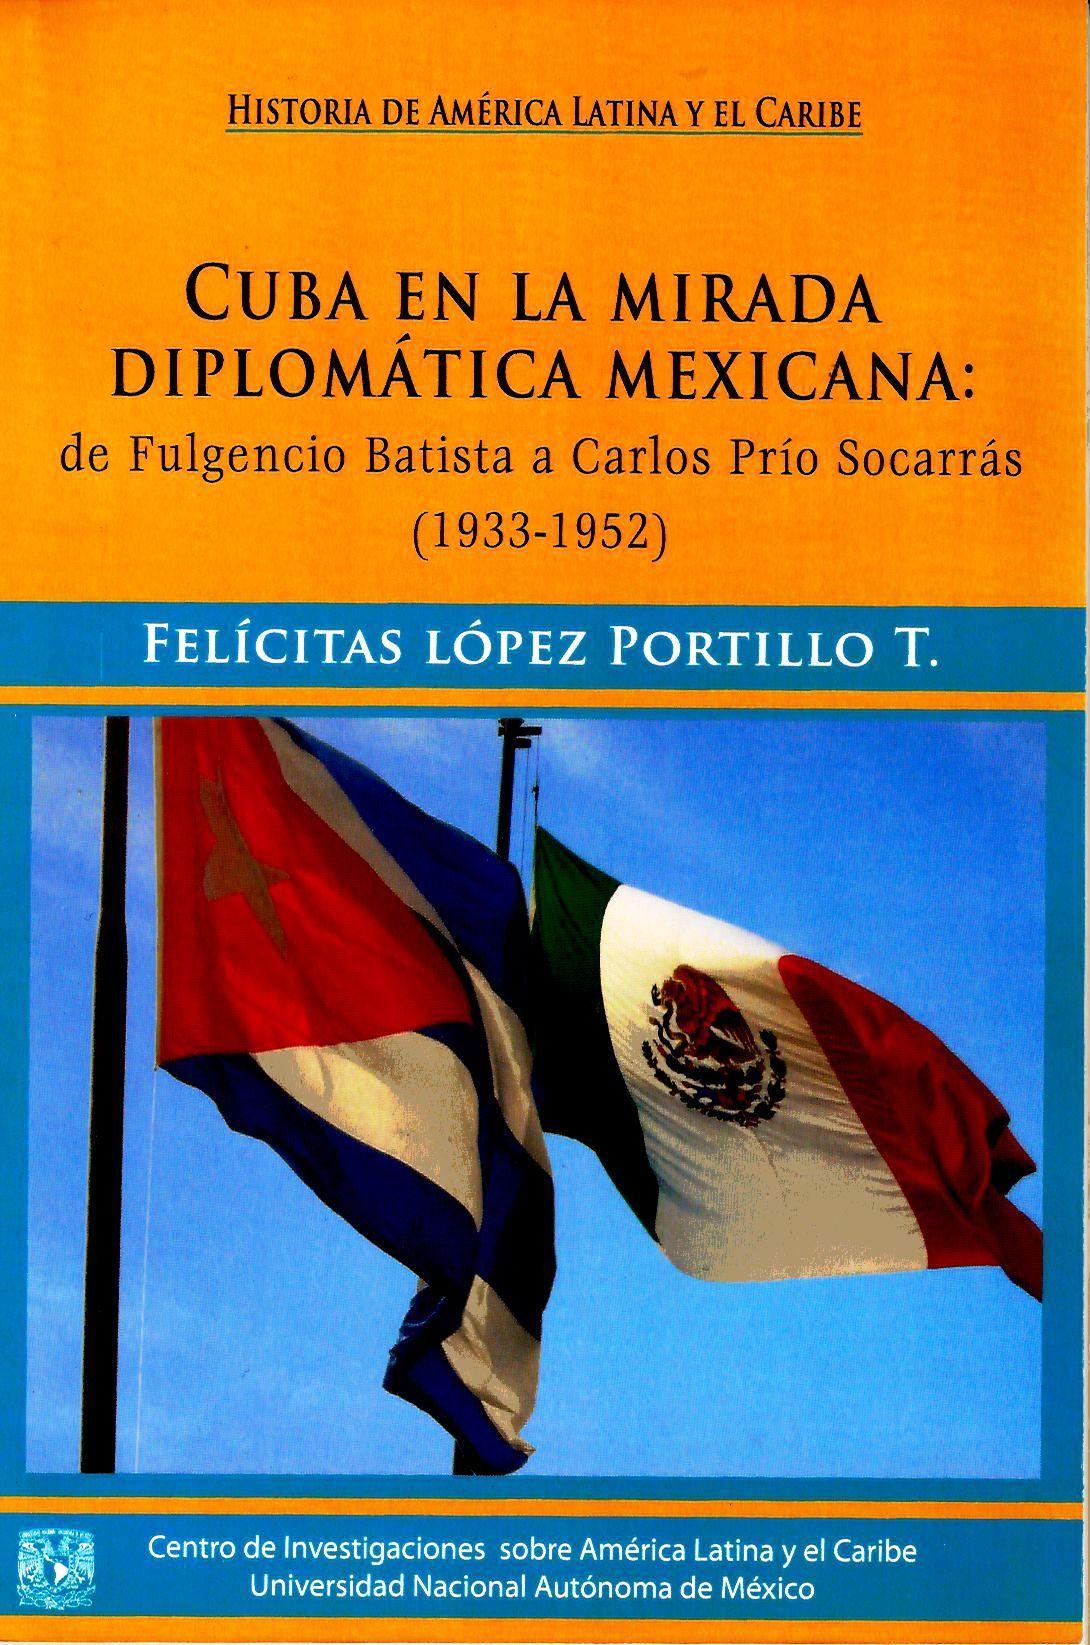 Cuba en la mirada diplomática mexicana: de Fulgencio Batista a Carlos Prío Socarrás (1933-1952)